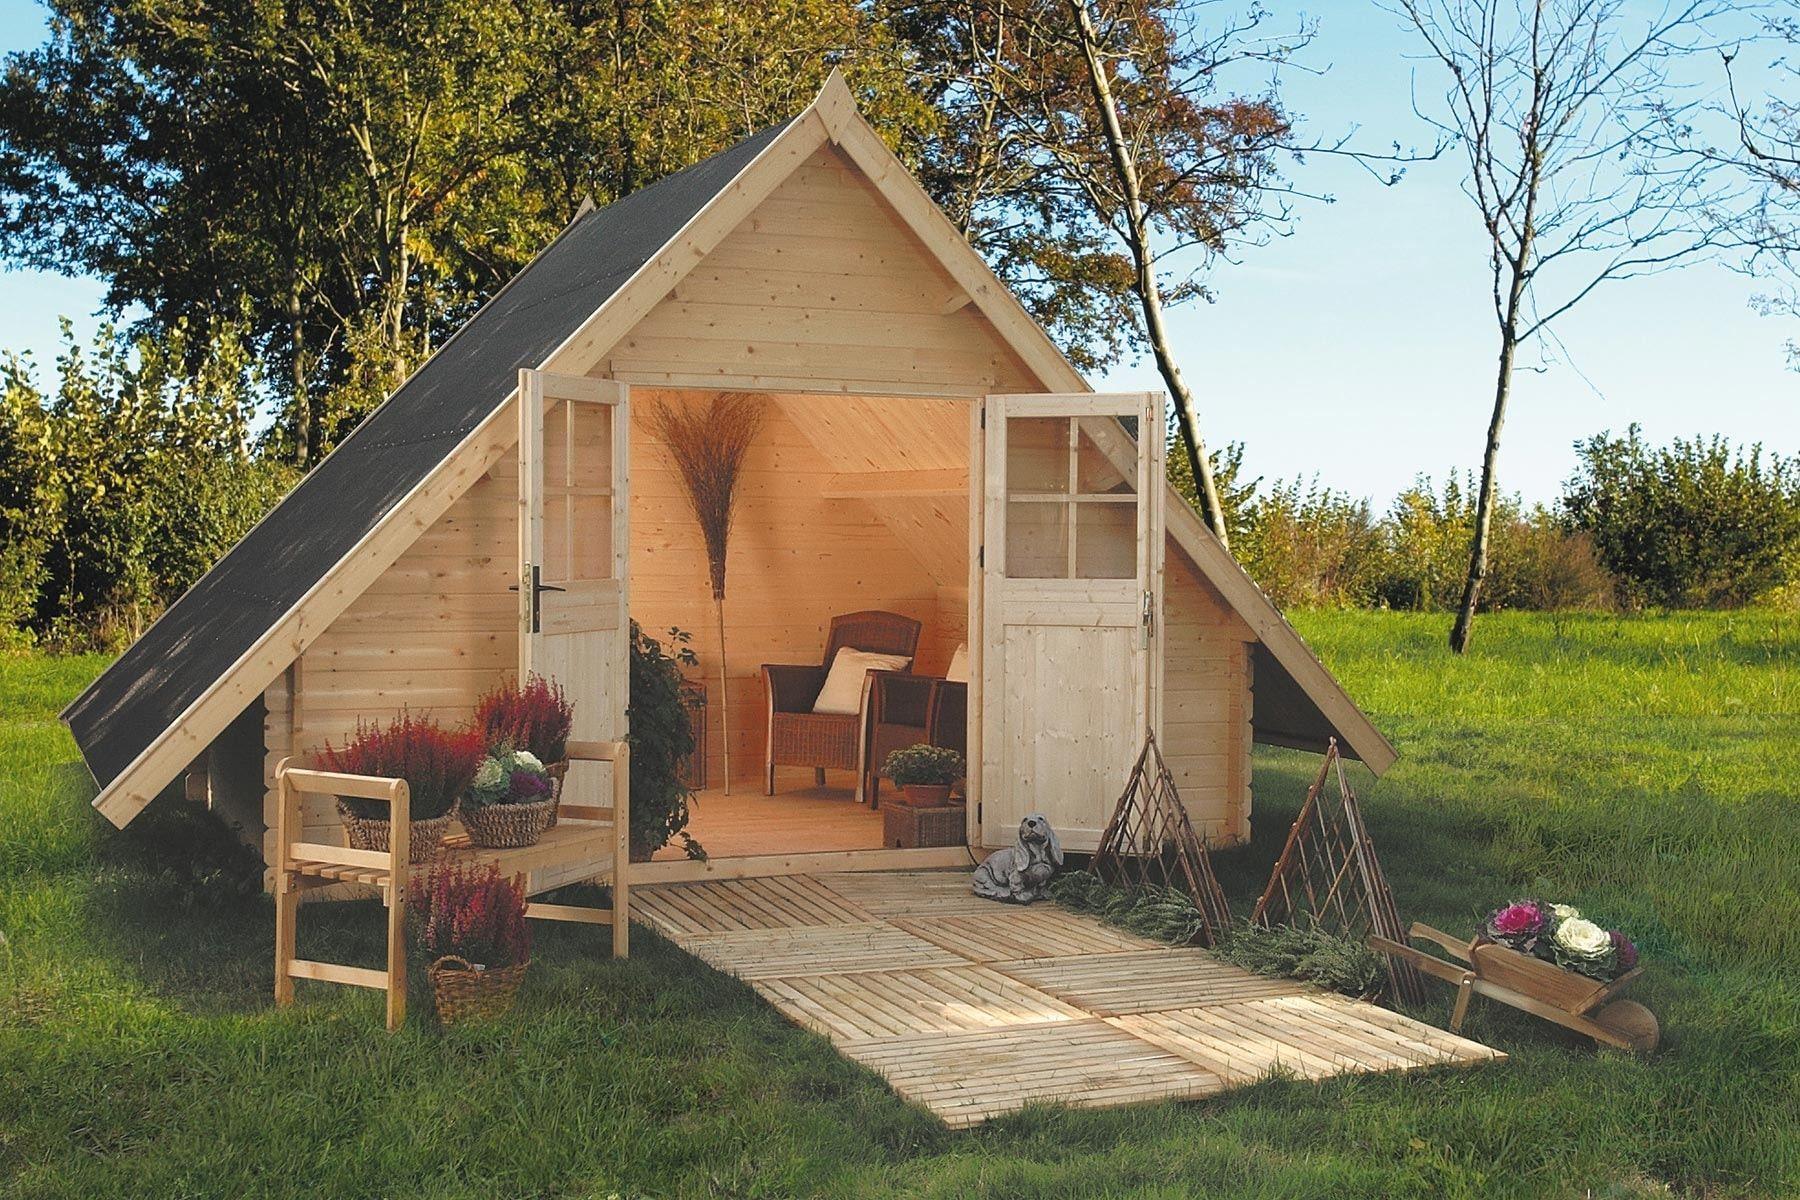 Dax la pyramide dans le jardin des abris et cabanes de for Cabanon en bois de jardin